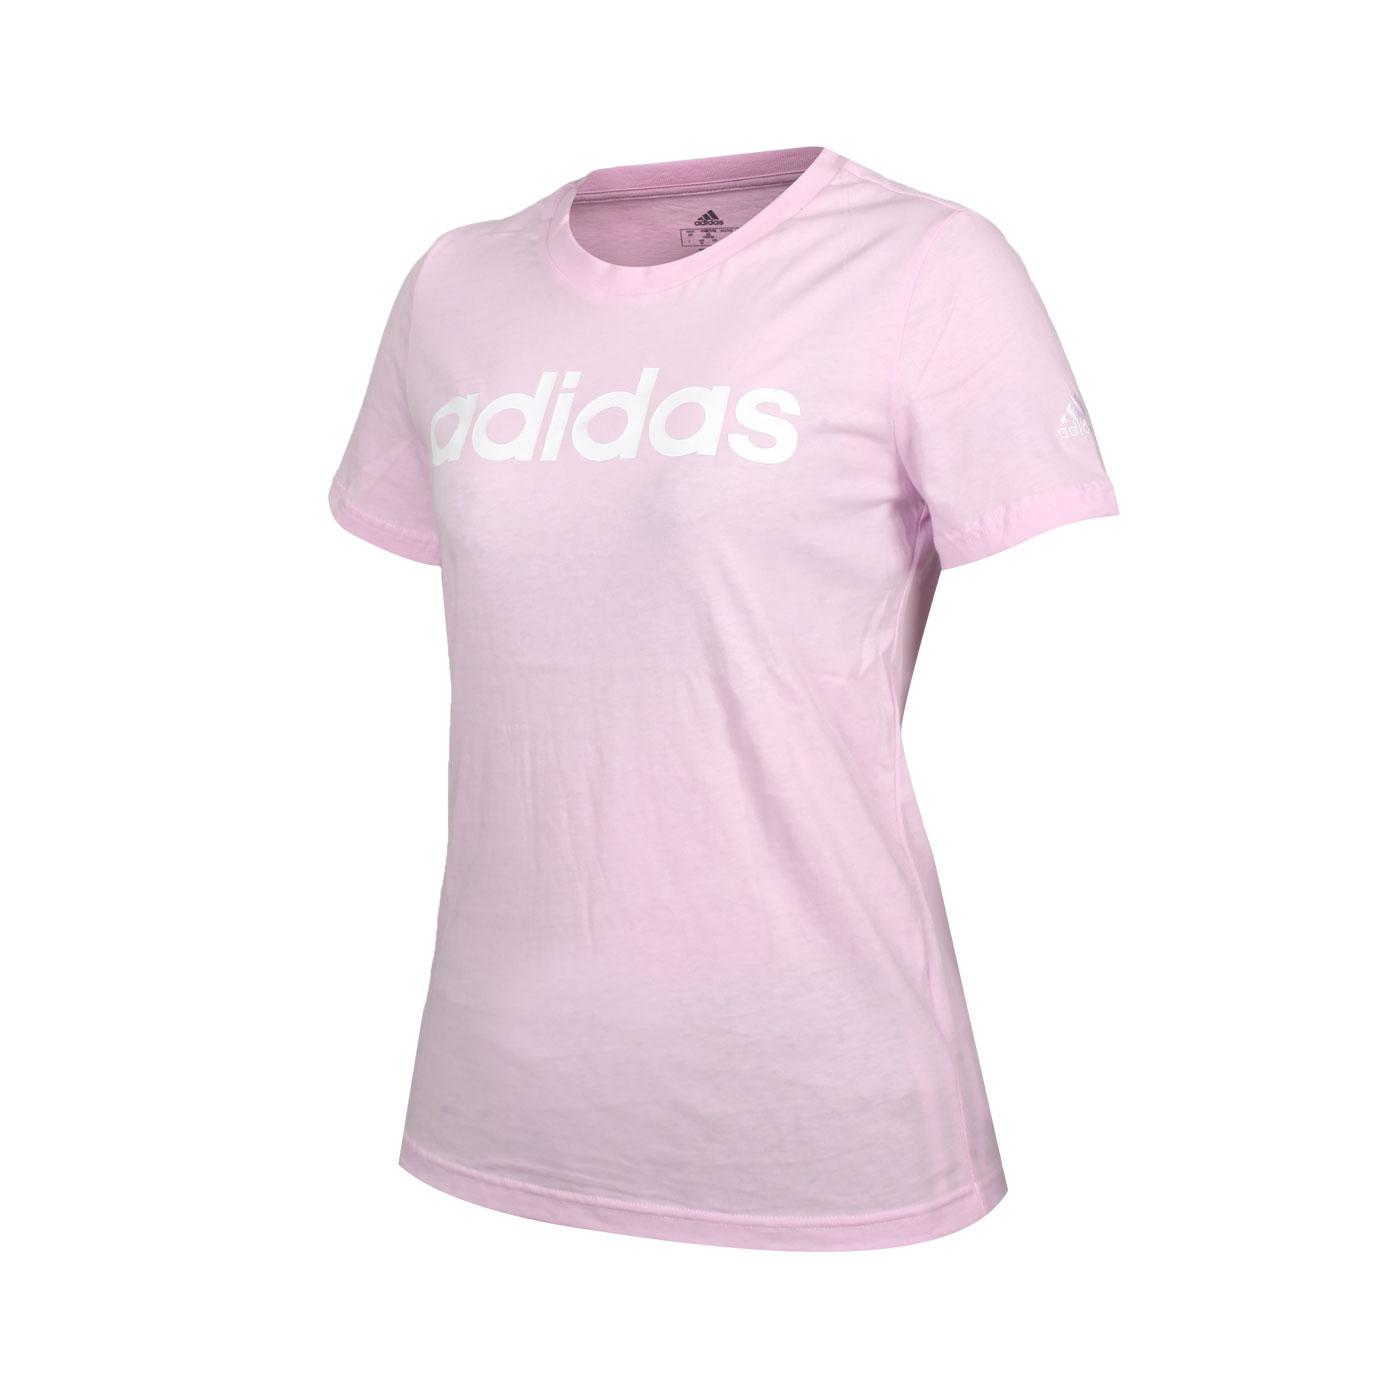 ADIDAS 女款短袖T恤 GL0771 - 粉紅白